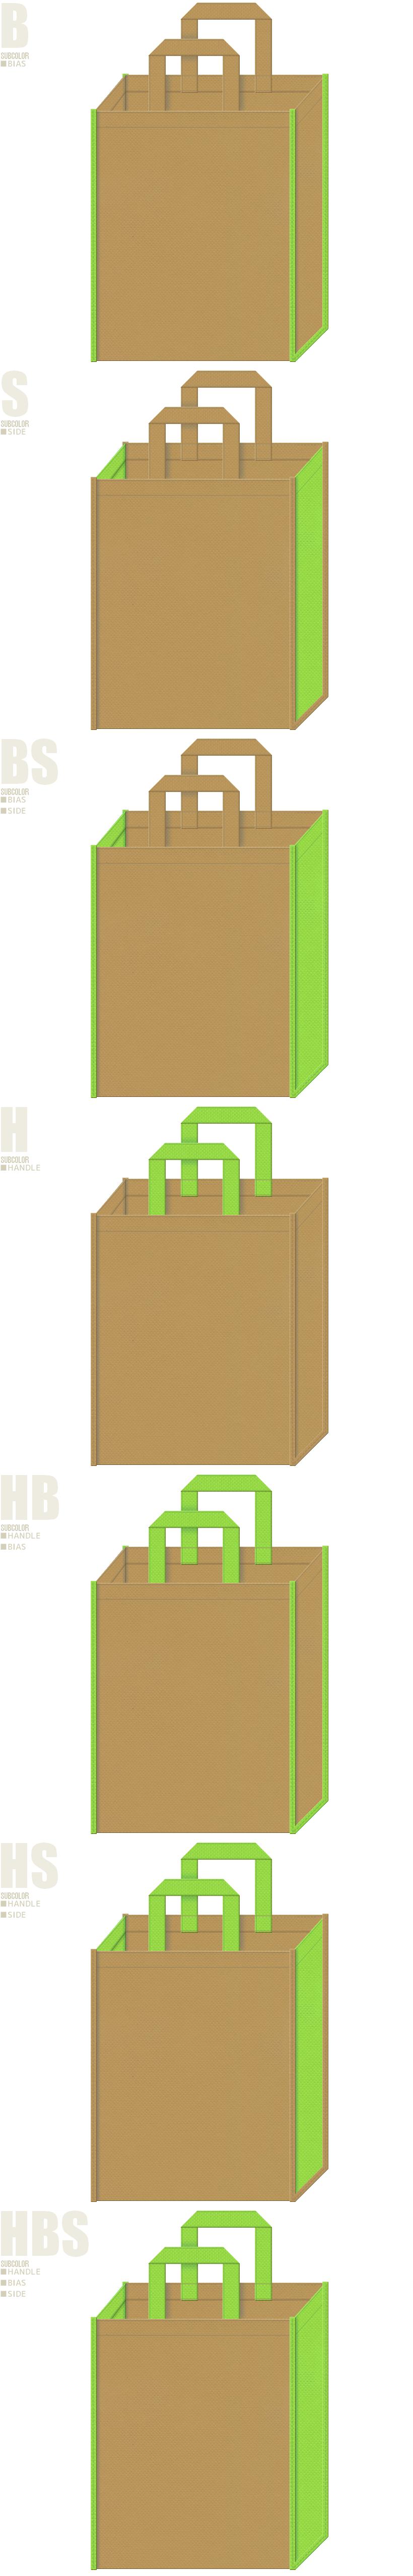 牧場・酪農・農業・肥料・種苗・キウイフルーツ・産直市場・園芸用品・DIYの展示会用バッグにお奨めの不織布バッグデザイン:マスタード色と黄緑色の配色7パターン。